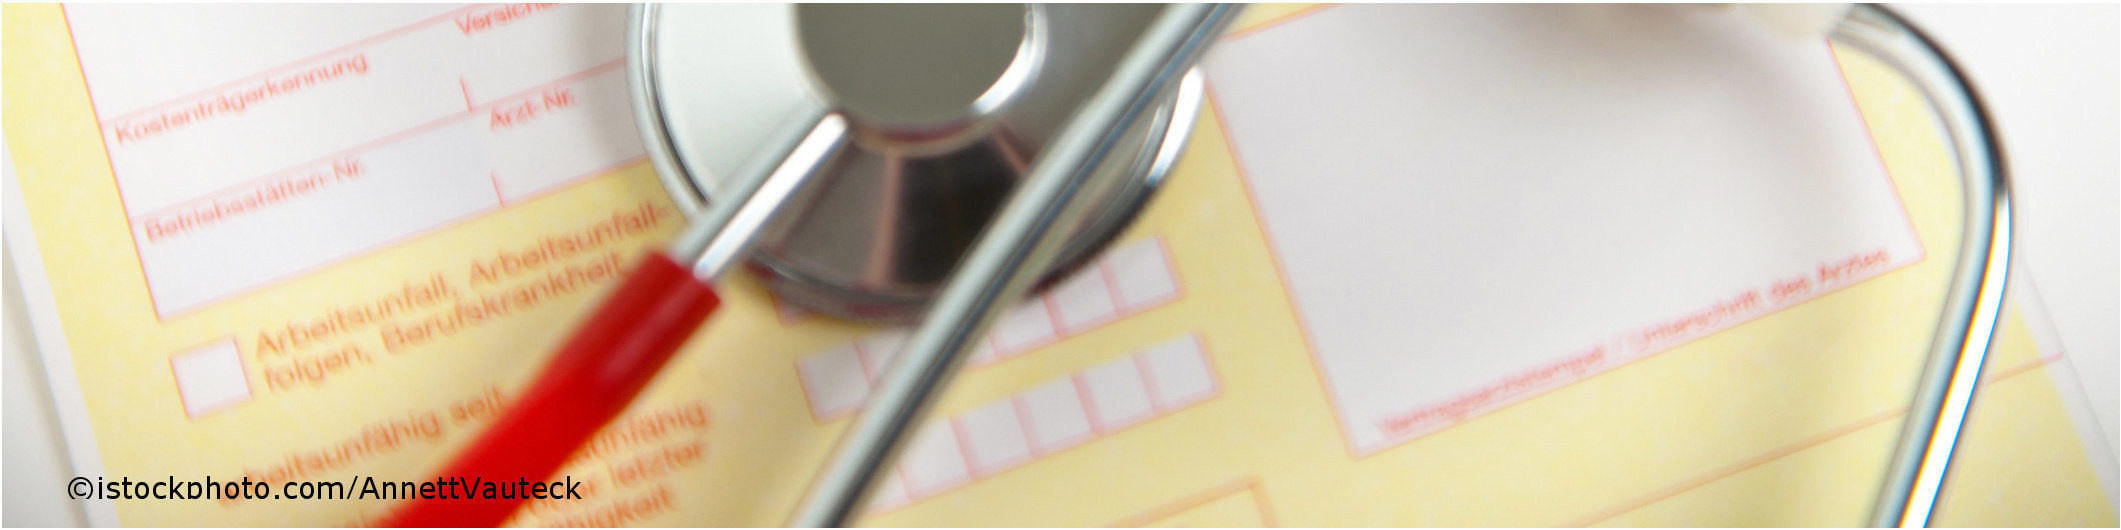 Im ICD-10 Diagnoseschlüssel steht F54 für psychologische Faktoren oder Verhaltensfaktoren bei anderenorts klassifizierten Krankheiten.